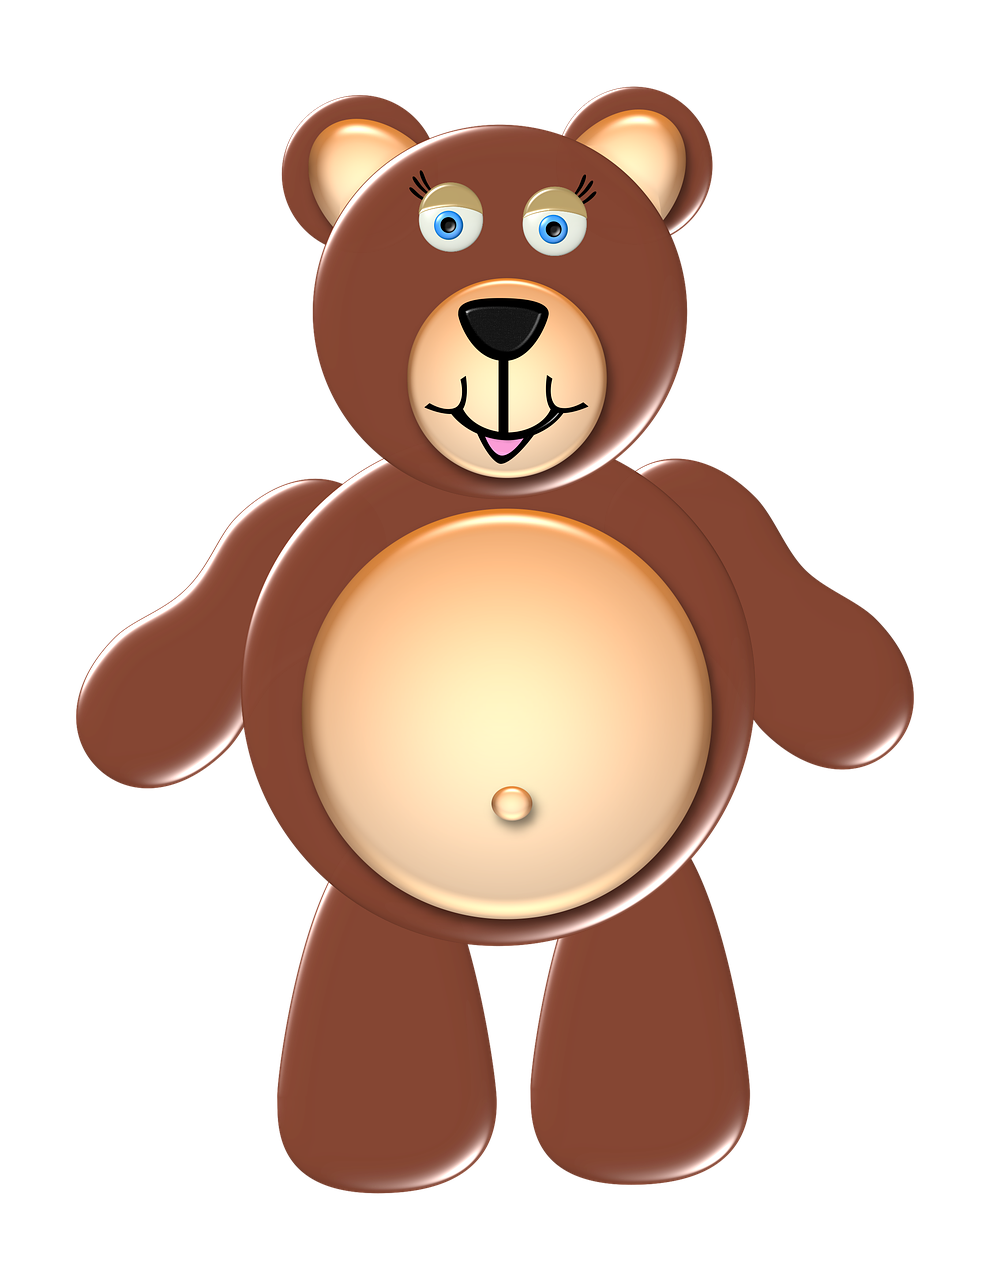 Beruang Lucu Hewan Gambar Gratis Di Pixabay